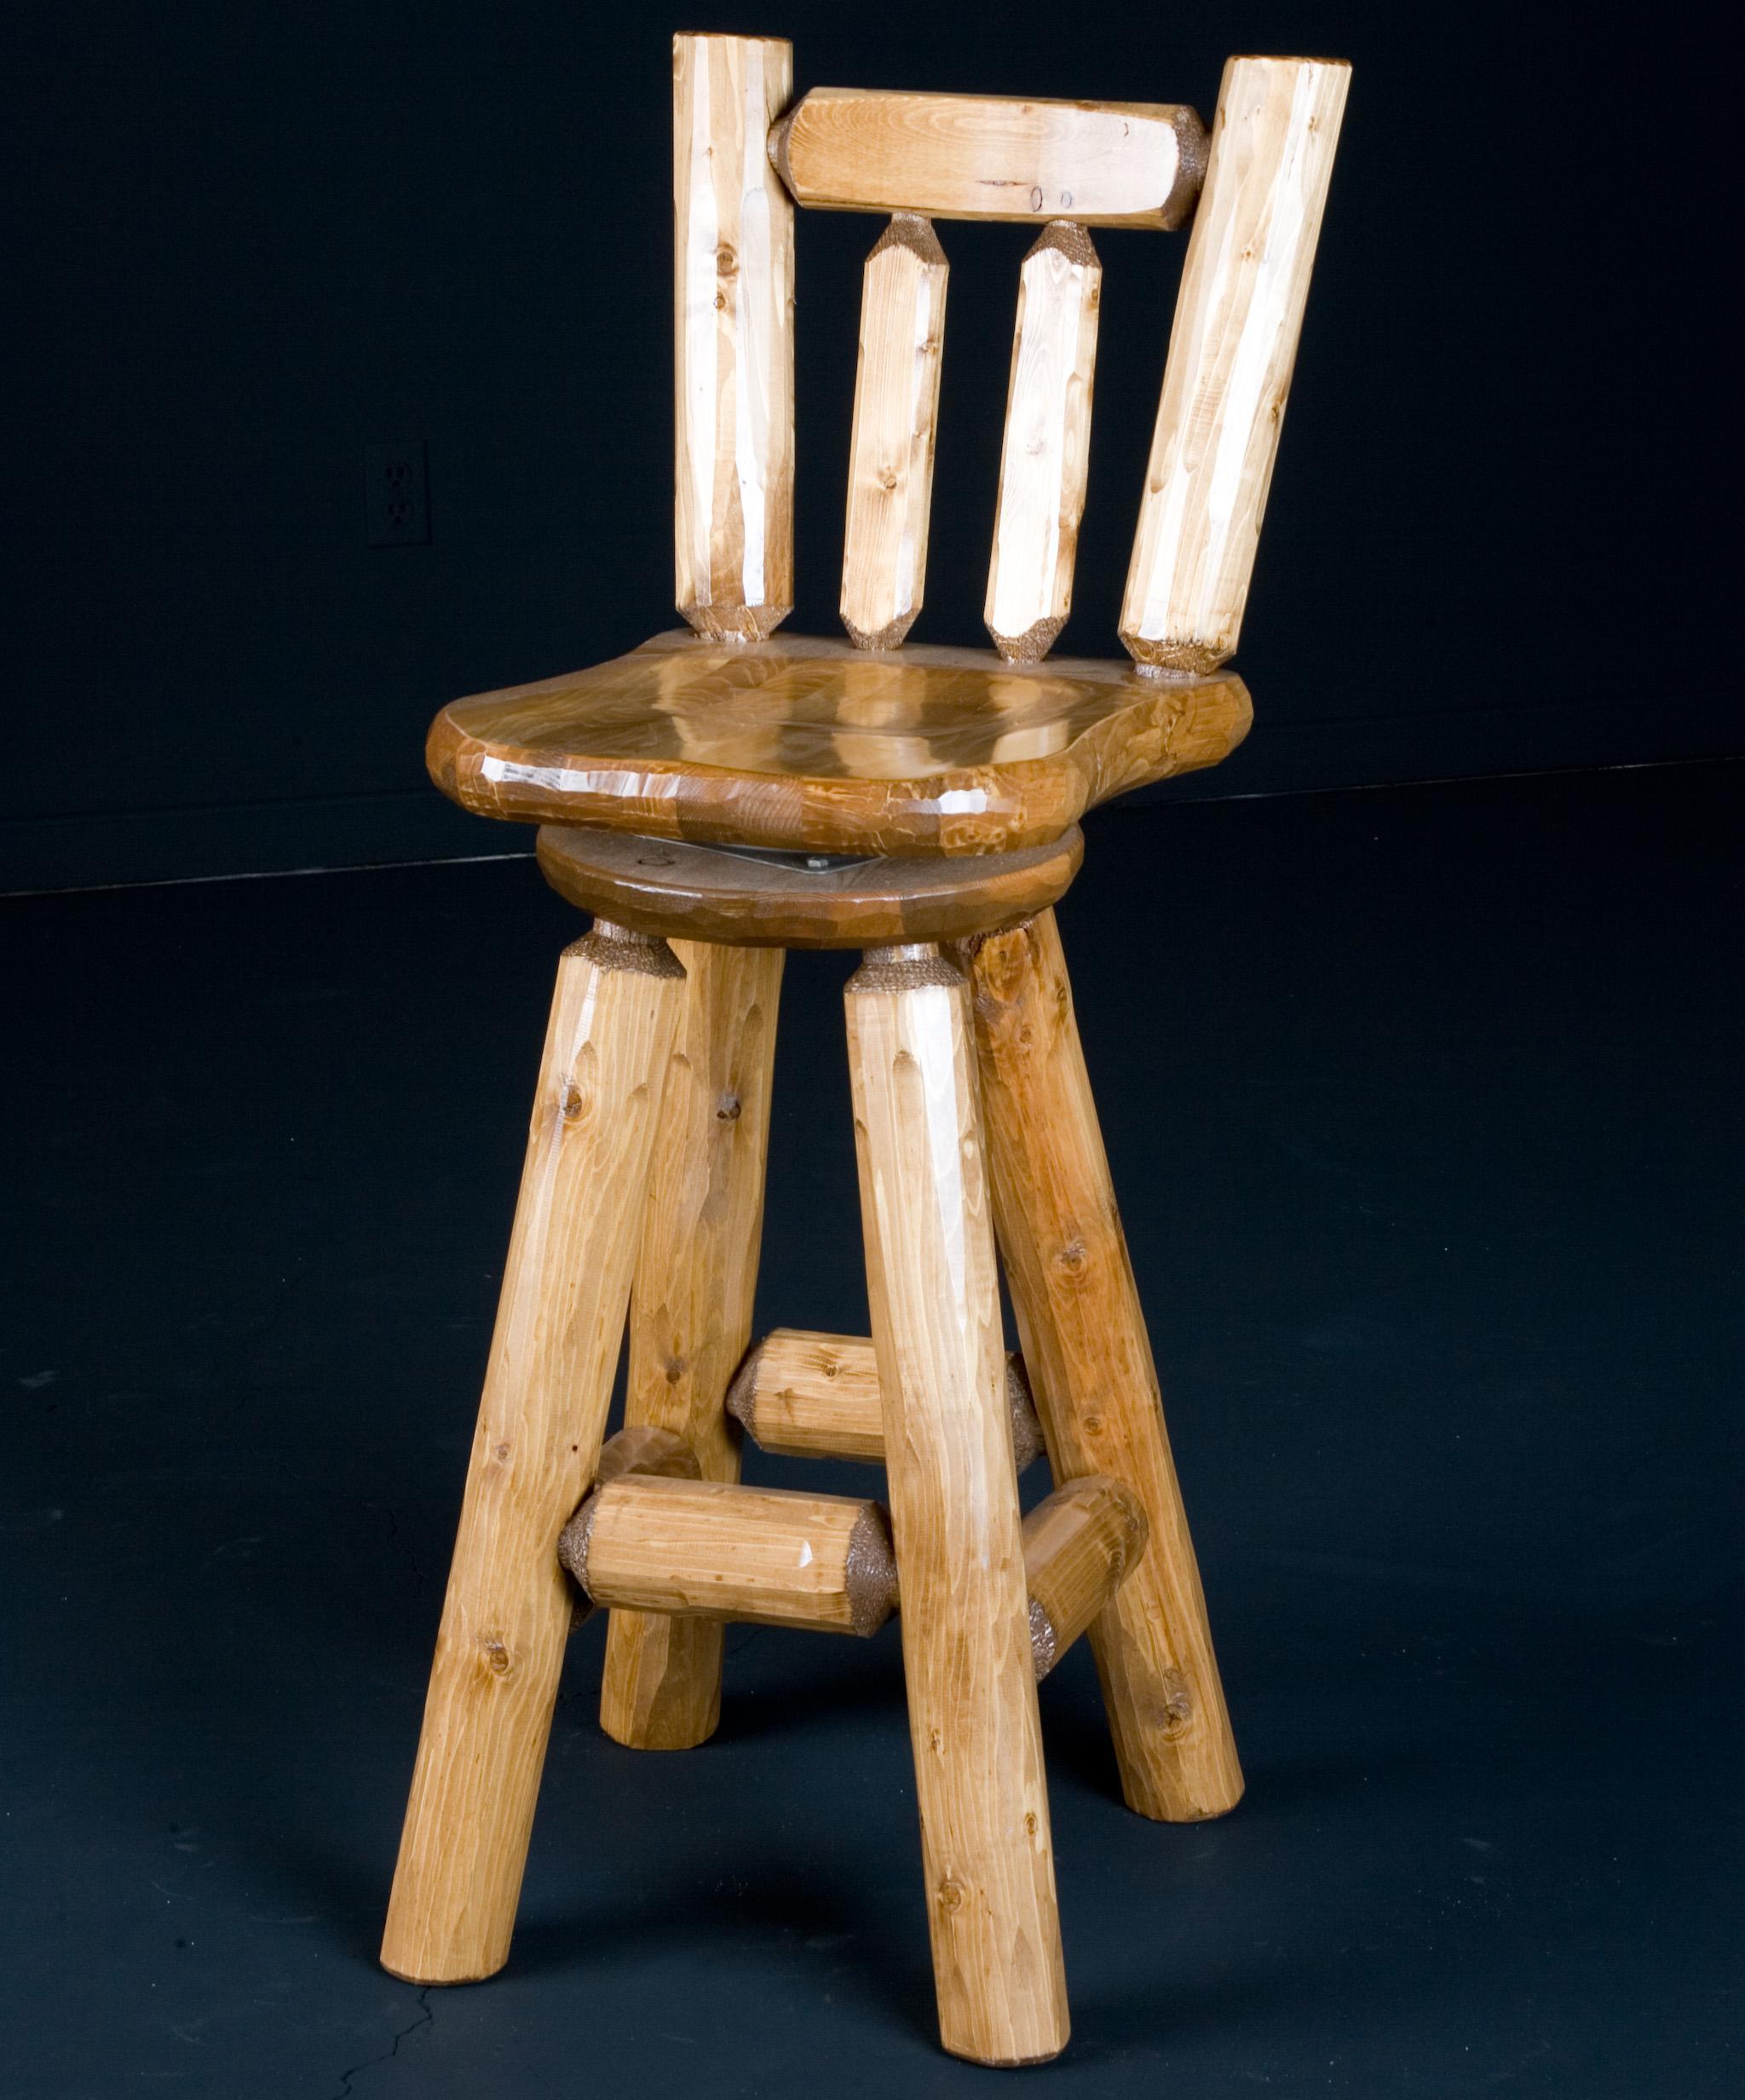 NorthShore by Becker Log Furniture 30' Swivel Barstool Wood Seat - Item Number: NWSPBS1